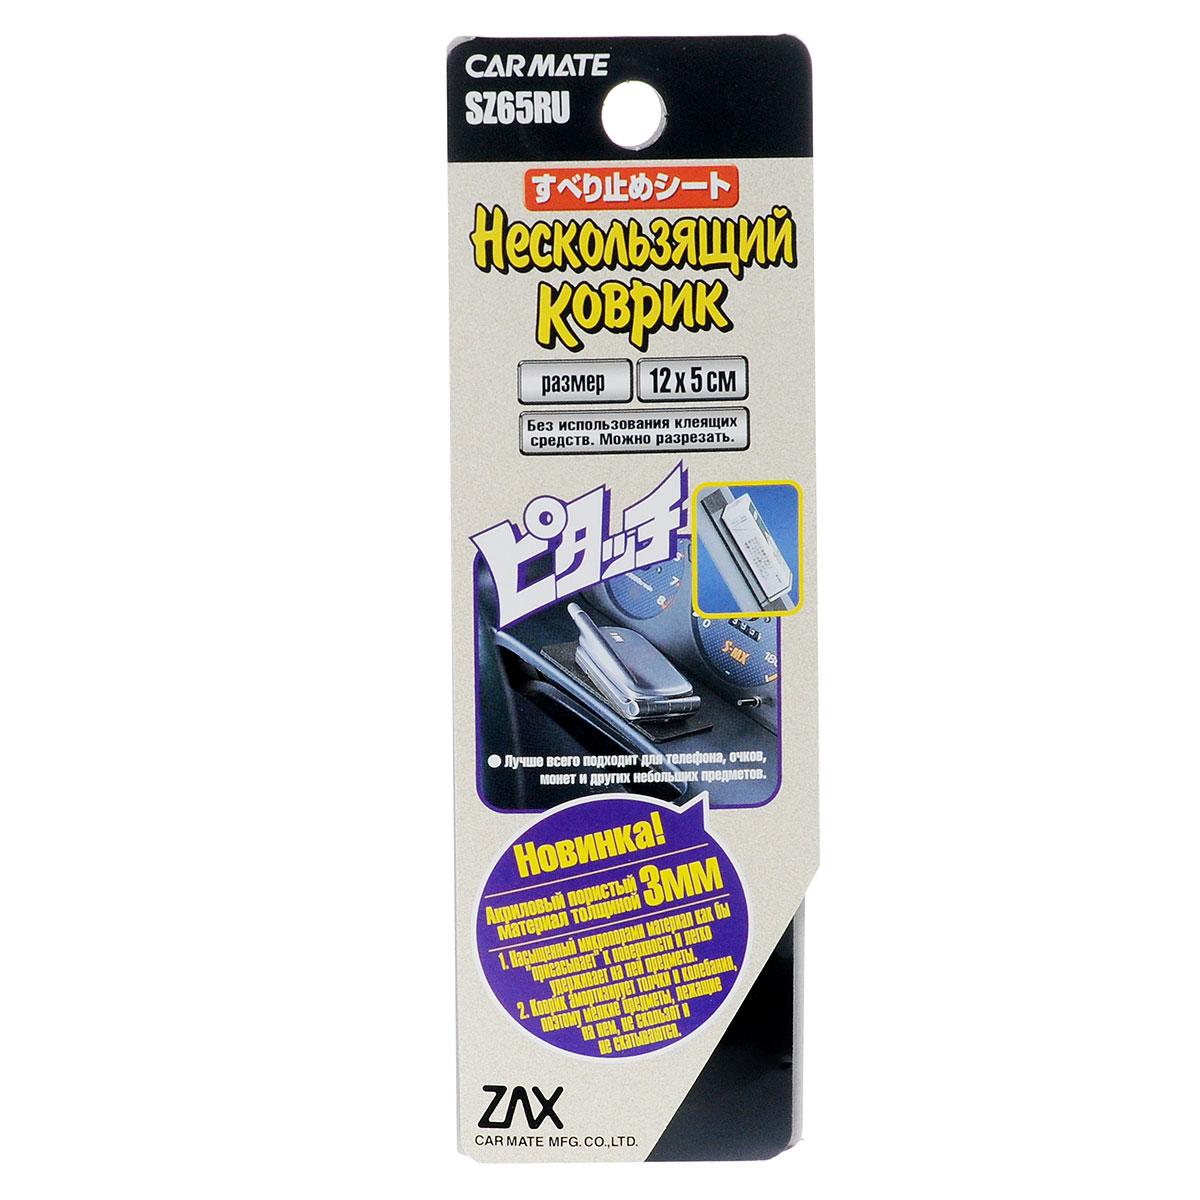 Коврик противоскользящий Carmate Non Slip Sheet S, цвет: черный, 140 мм x 50 ммSZ65RUСпециальный коврик Carmate Non Slip Sheet S, позволяющий держать всегда под рукой в салоне автомобиля некрупные предметы вроде монет, сотового телефона и солнцезащитных очков. Не соскальзывает с гладких поверхностей, например, с панели приборов, даже слегка наклоненной, и не дает соскальзывать положенным на него предметам. Коврик изготовлен из акрилового пористого материала толщиной 3 мм.